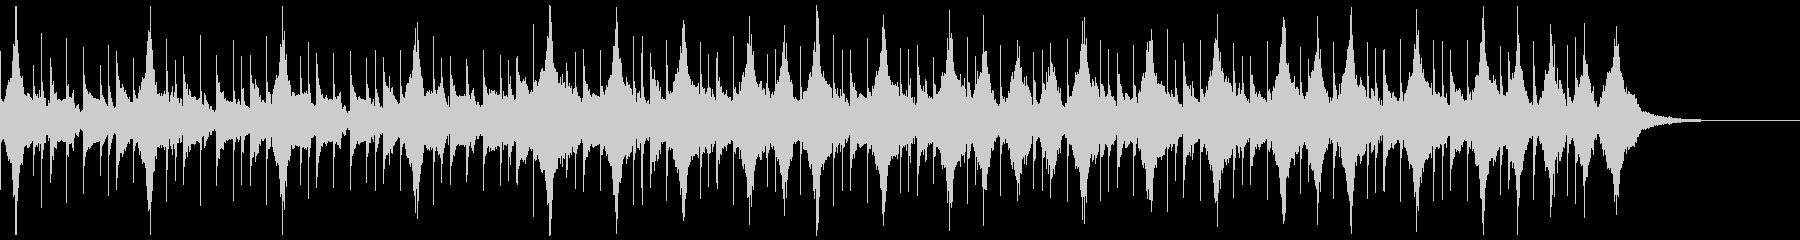 コーポレートテクスチャ―10の未再生の波形